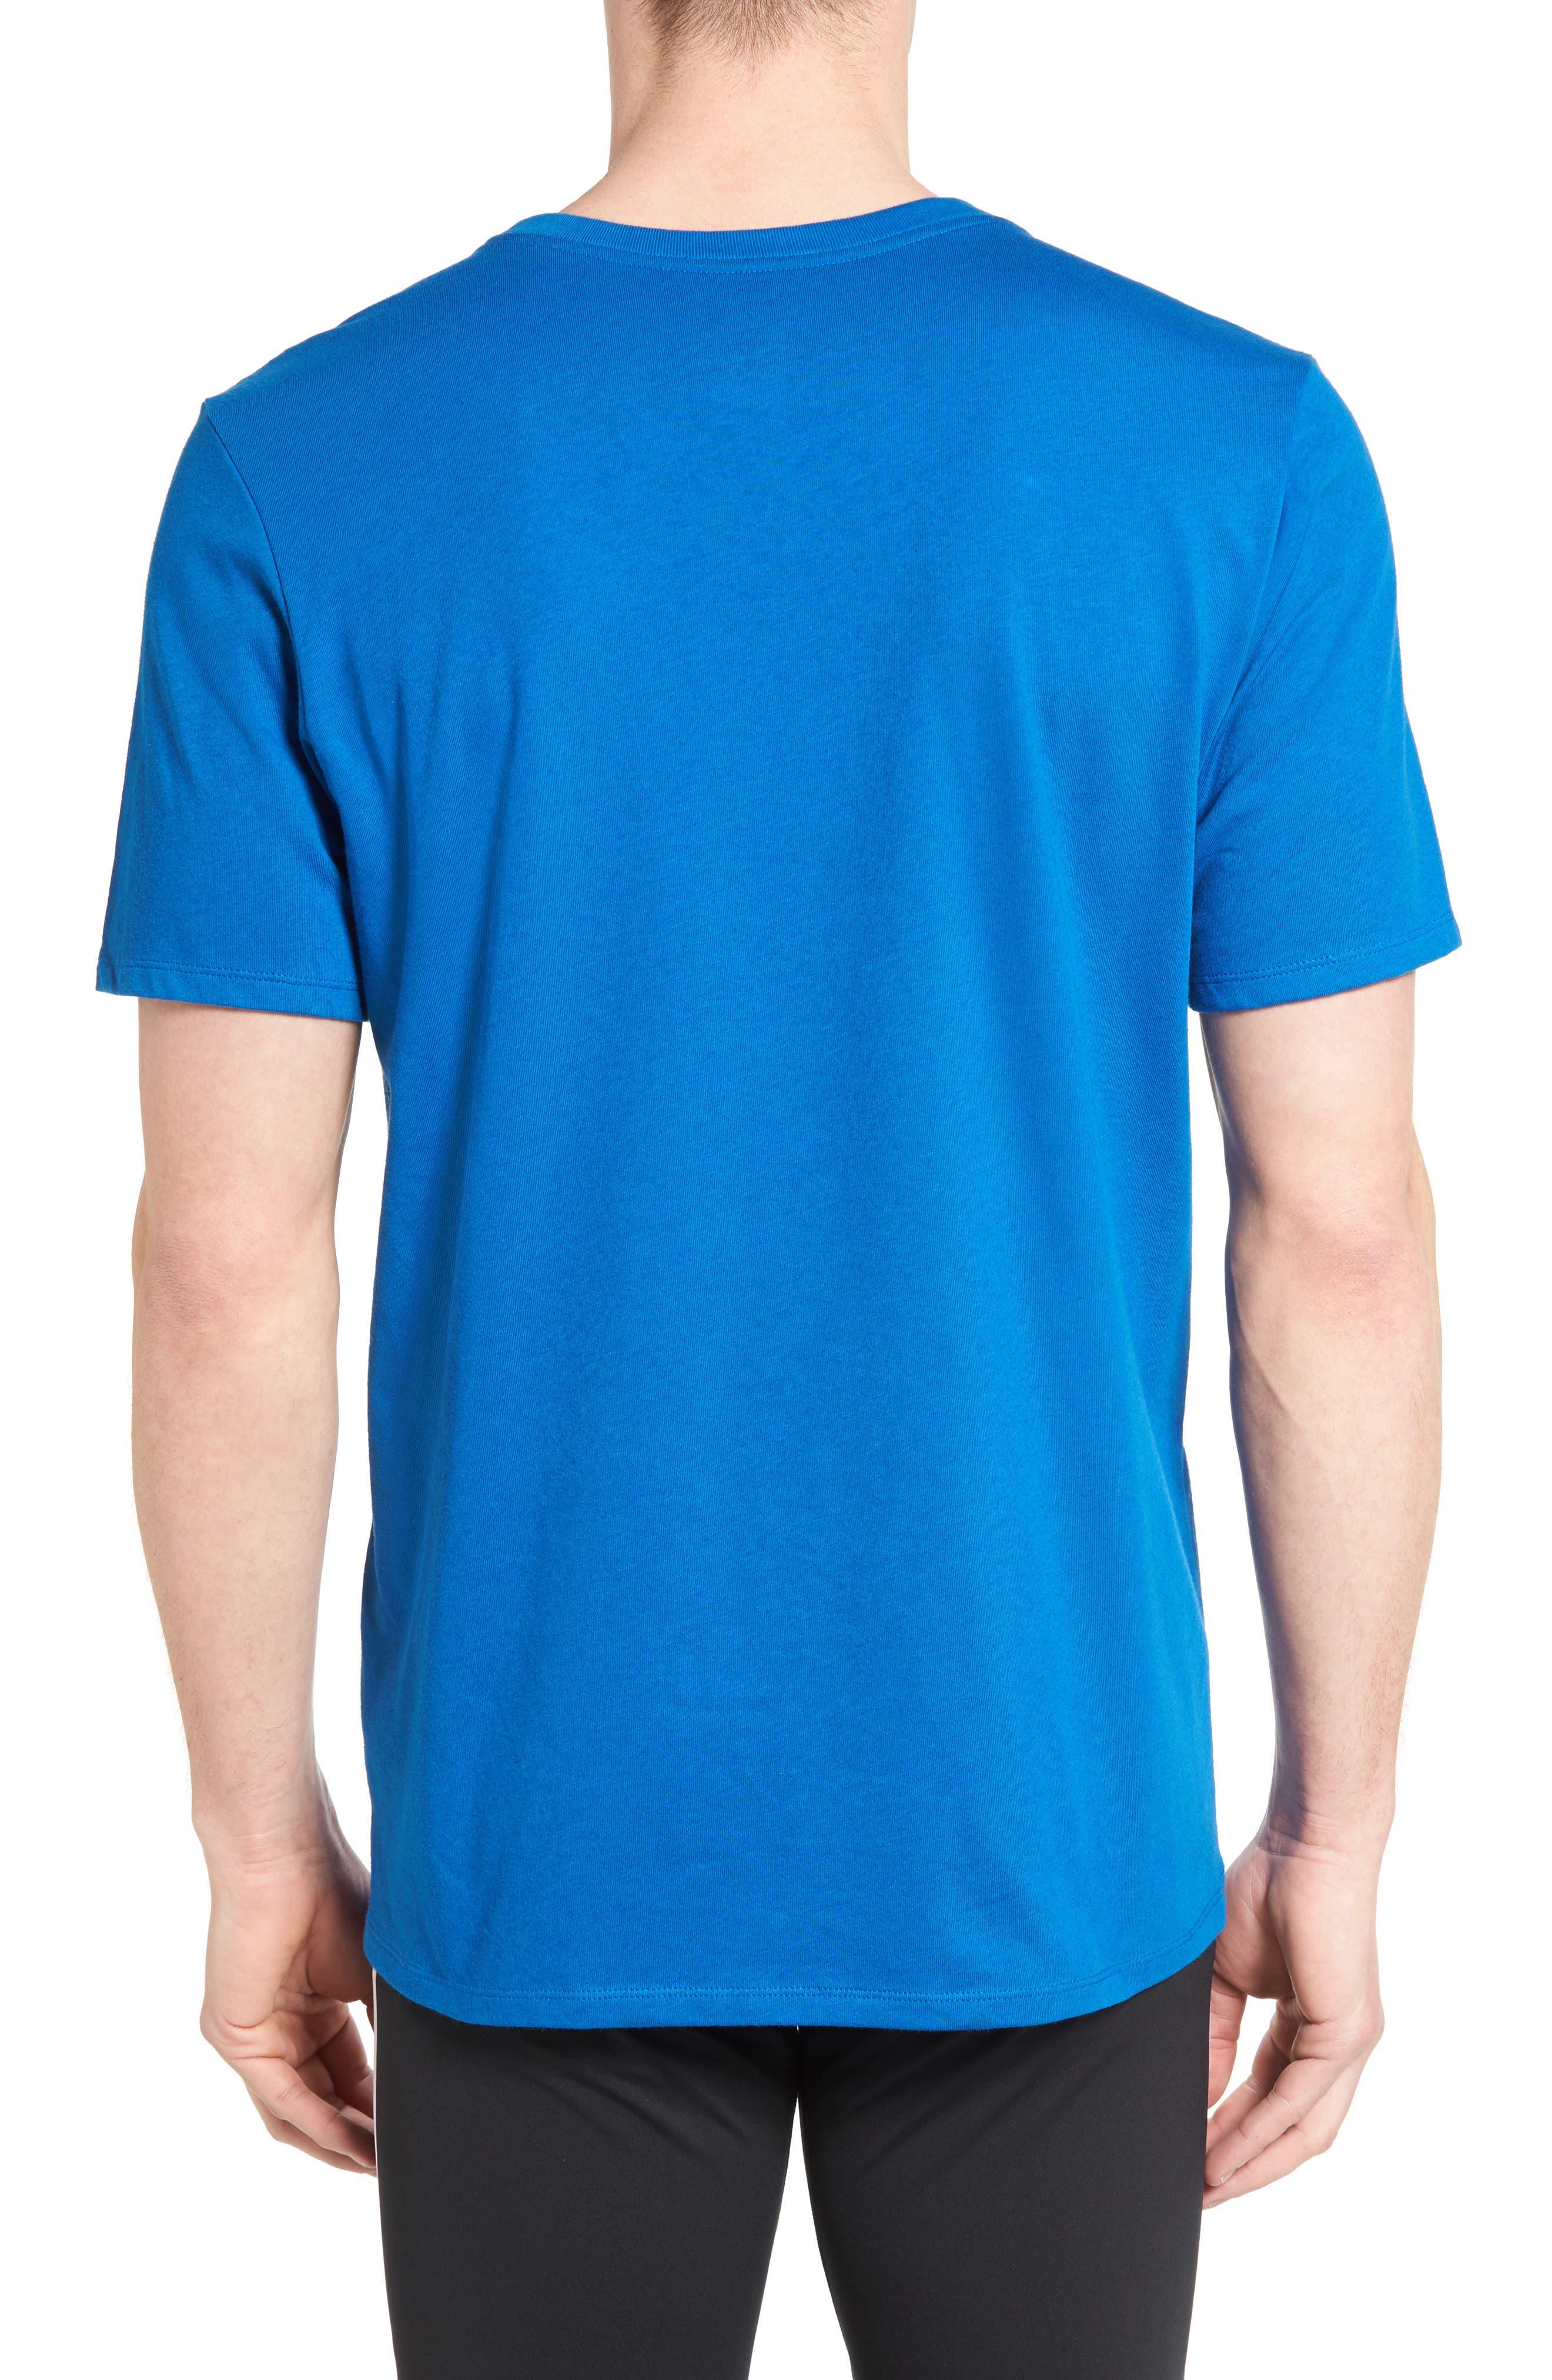 Dri-FIT Training T-Shirt,                             Alternate thumbnail 8, color,